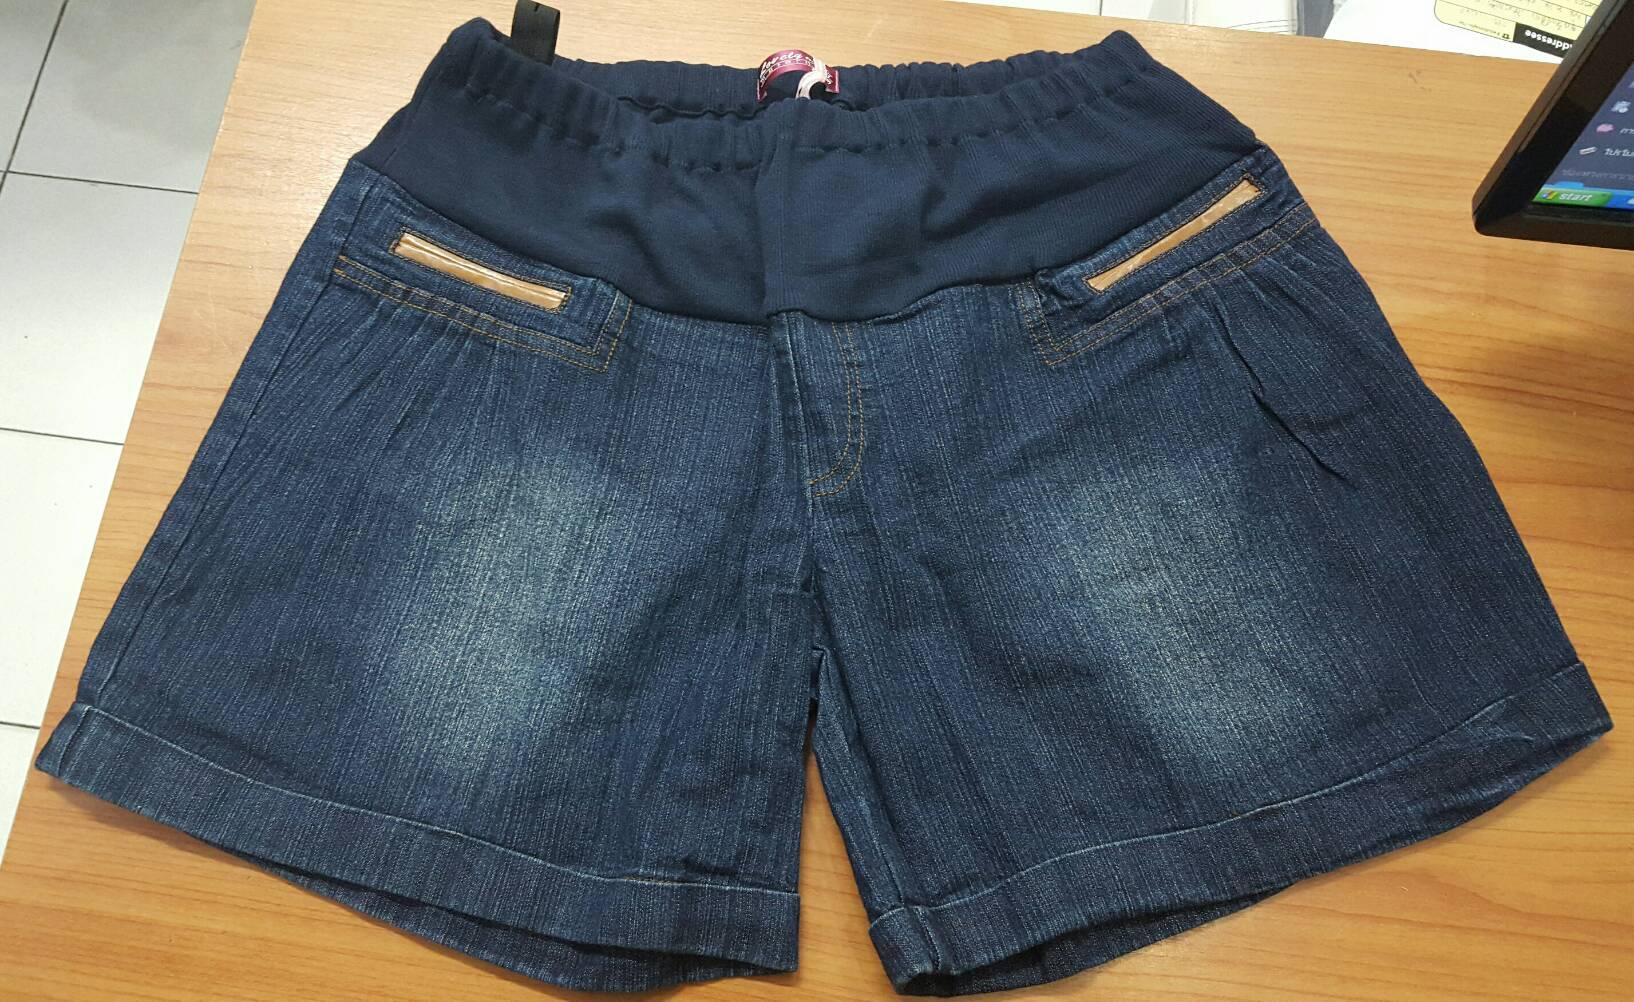 กางเกงคนท้องขาสั้น สีเข้ม รุ่นนี้ฮิตสุดๆค่ะ มาปุ๊ปหมดปั๊บ ผ้าใส่สบายมากๆ มีผ้ารองรับหน้าท้อง มีสายปรับที่เอว